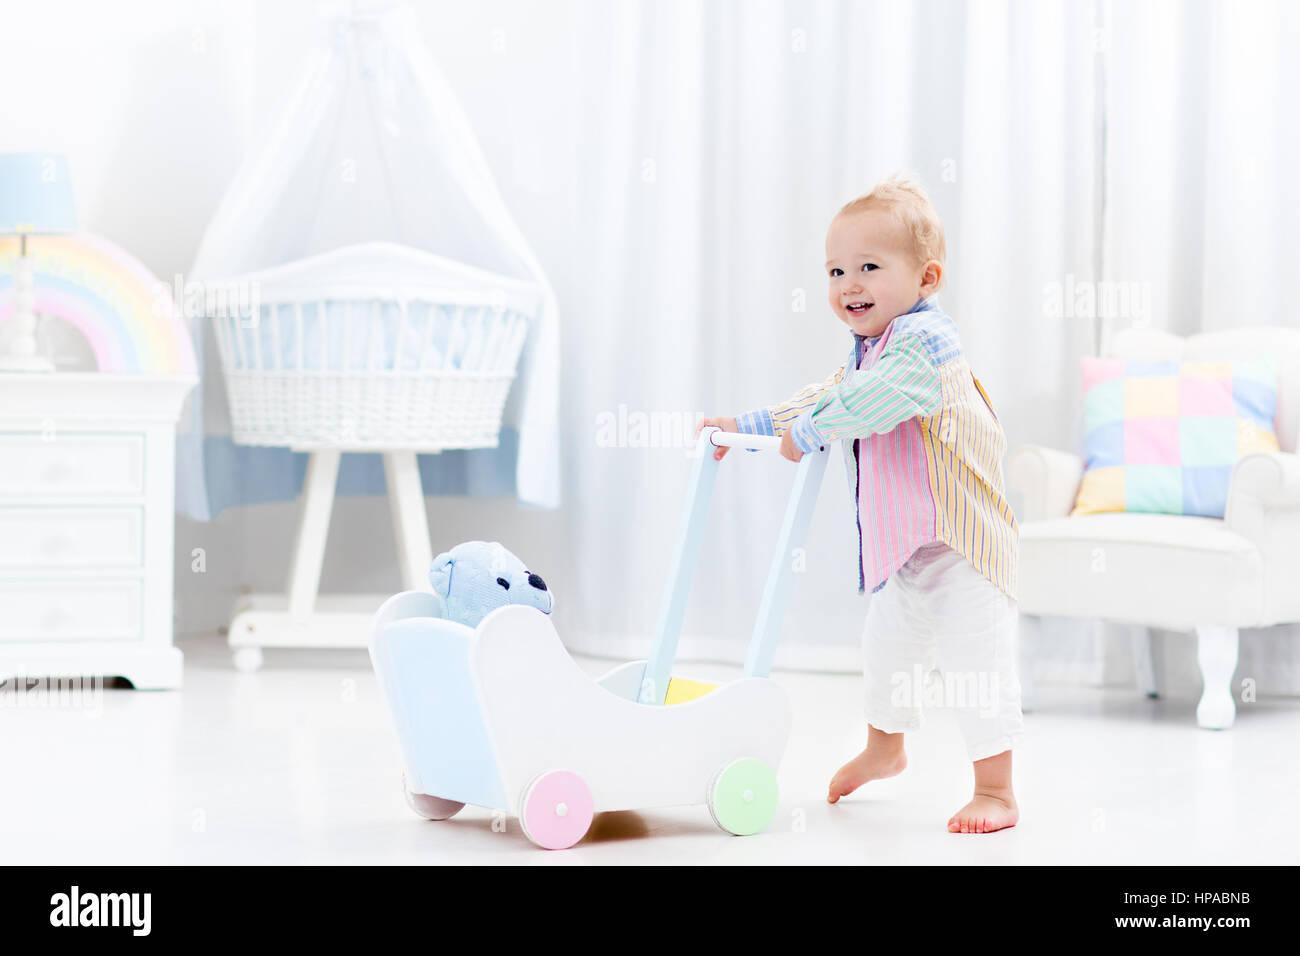 Bébé garçon l'apprentissage de la marche avec du pousser walker en chambre blanche avec des couleurs arc-en-ciel pastel jouets. Jouet pour enfant Aide Premiers pas. Balades pour enfants tout-petits Banque D'Images